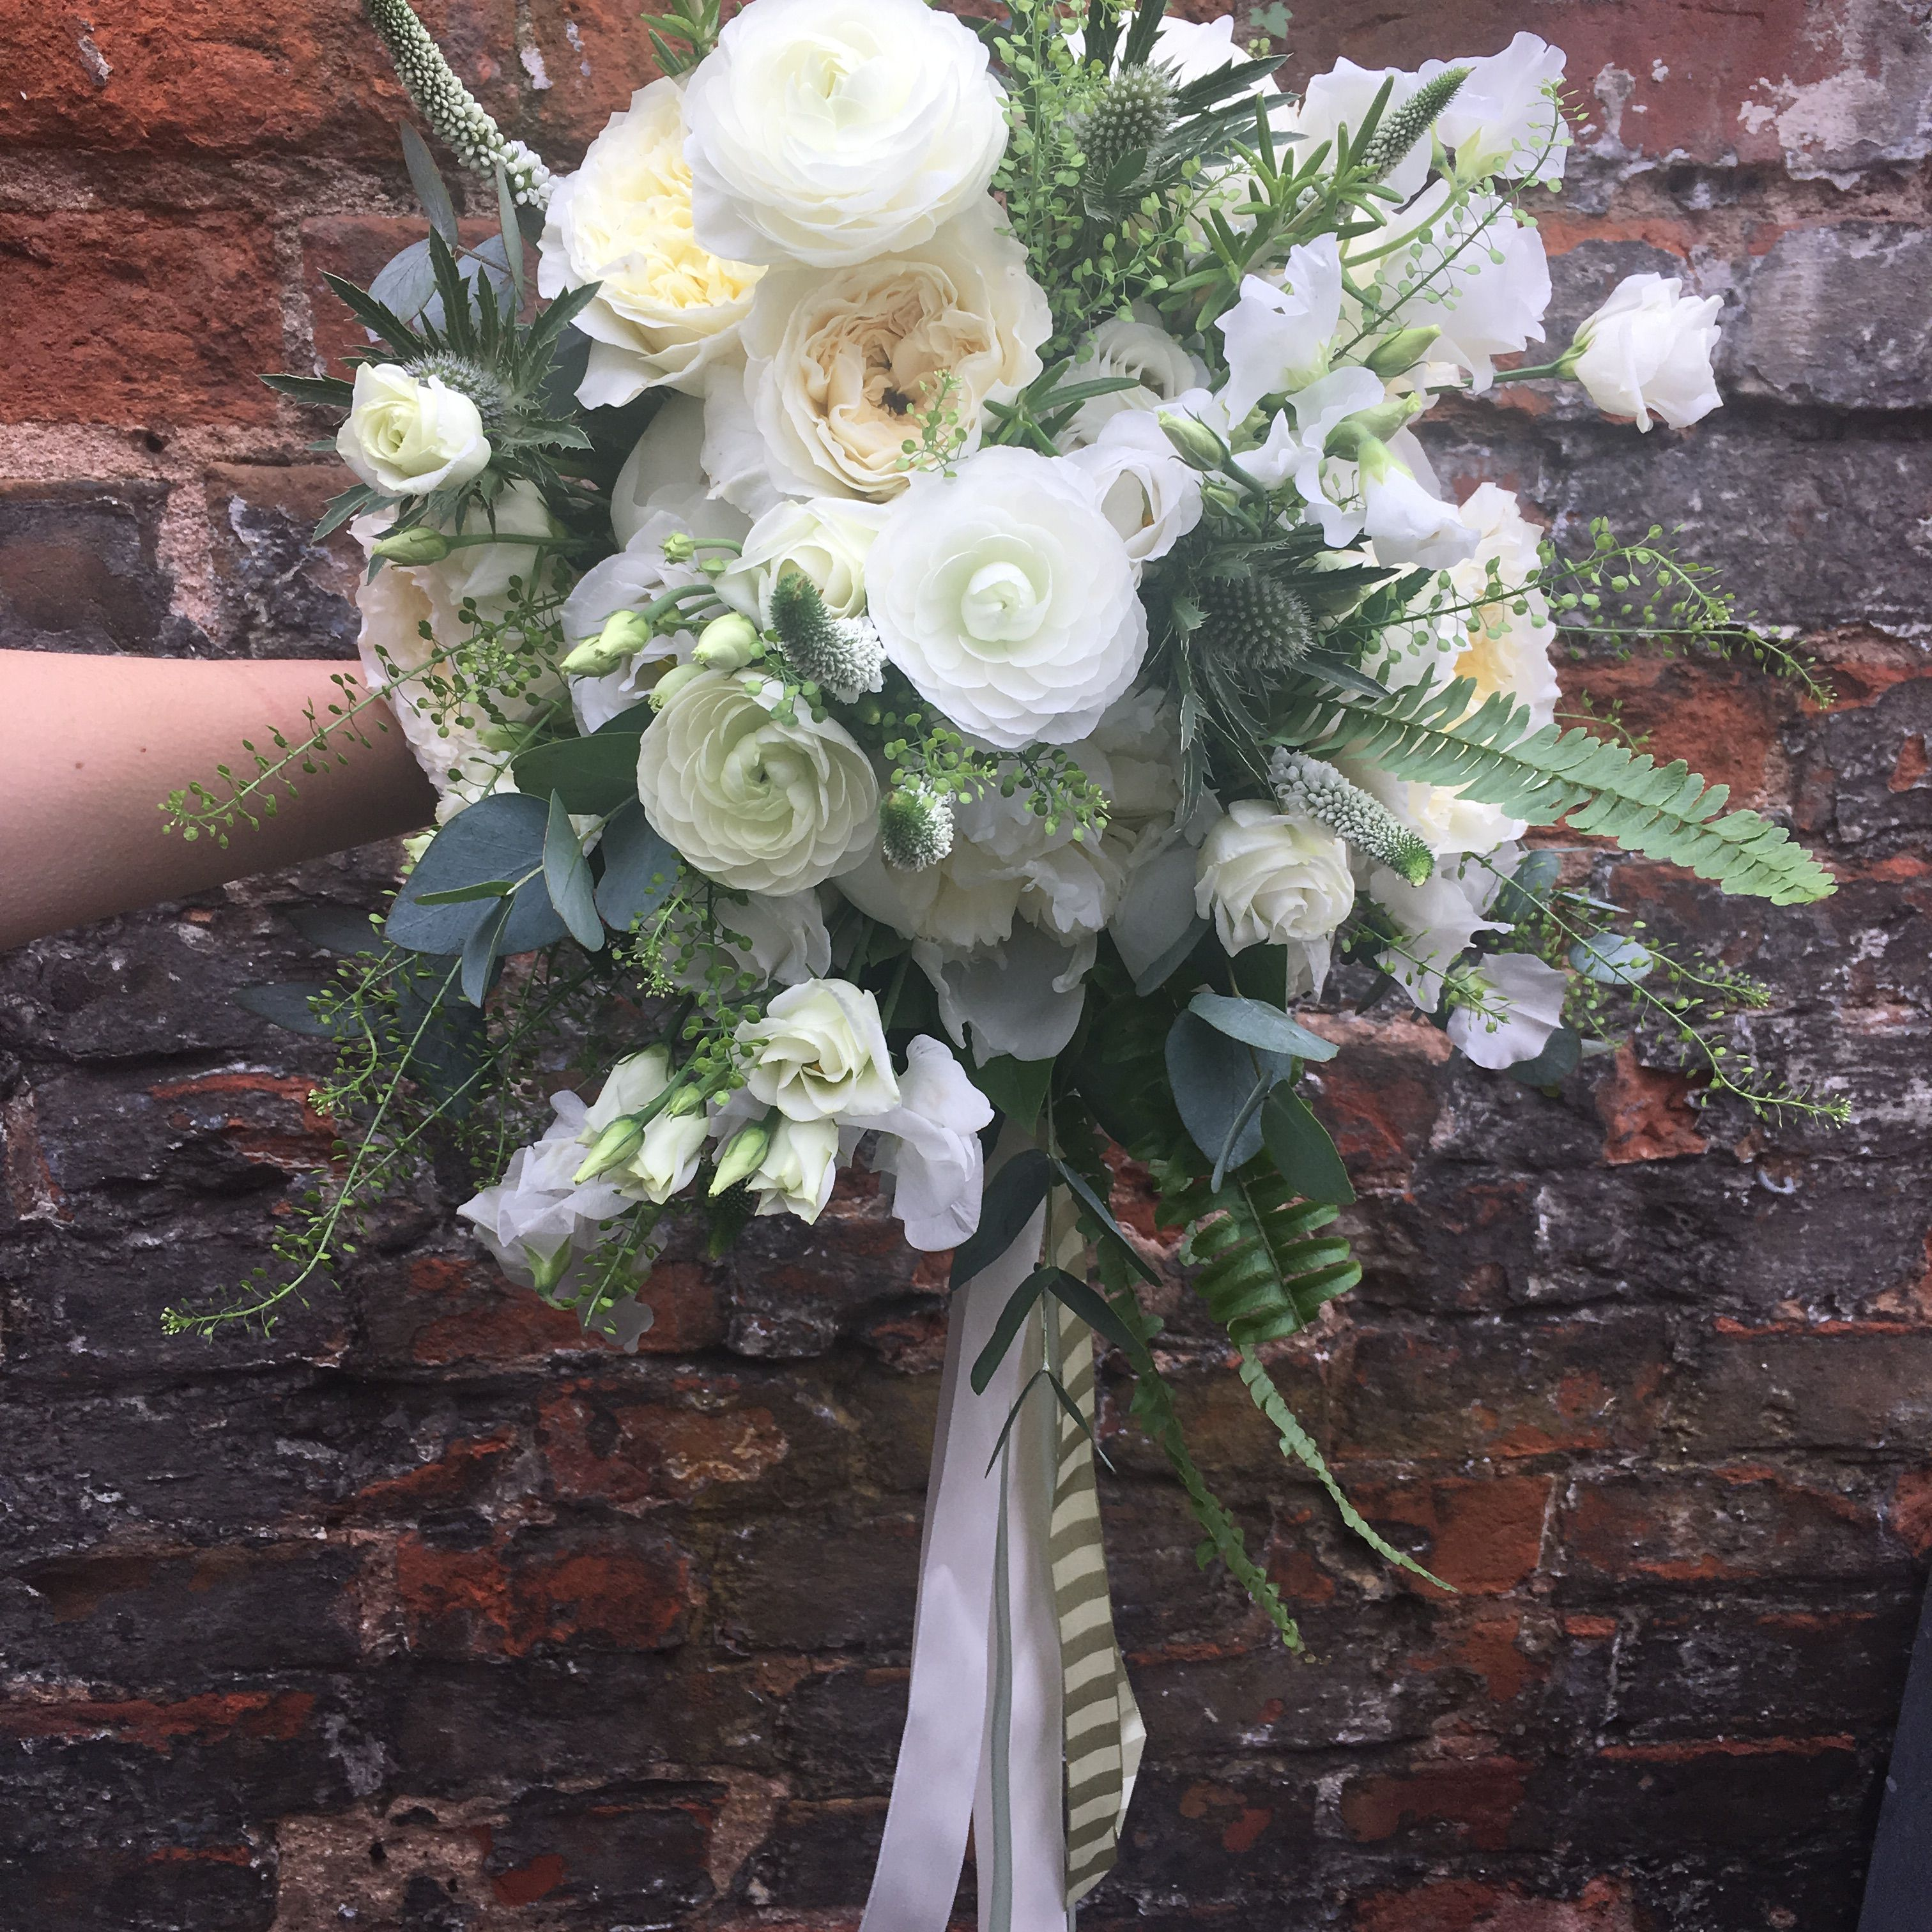 Bridal Bouquet White Wedding Flowers Summer Bridal Bouquet Wedding Bouquet Patience David Au Wedding Flowers Summer Wedding Flowers Bridal Bouquet Summer